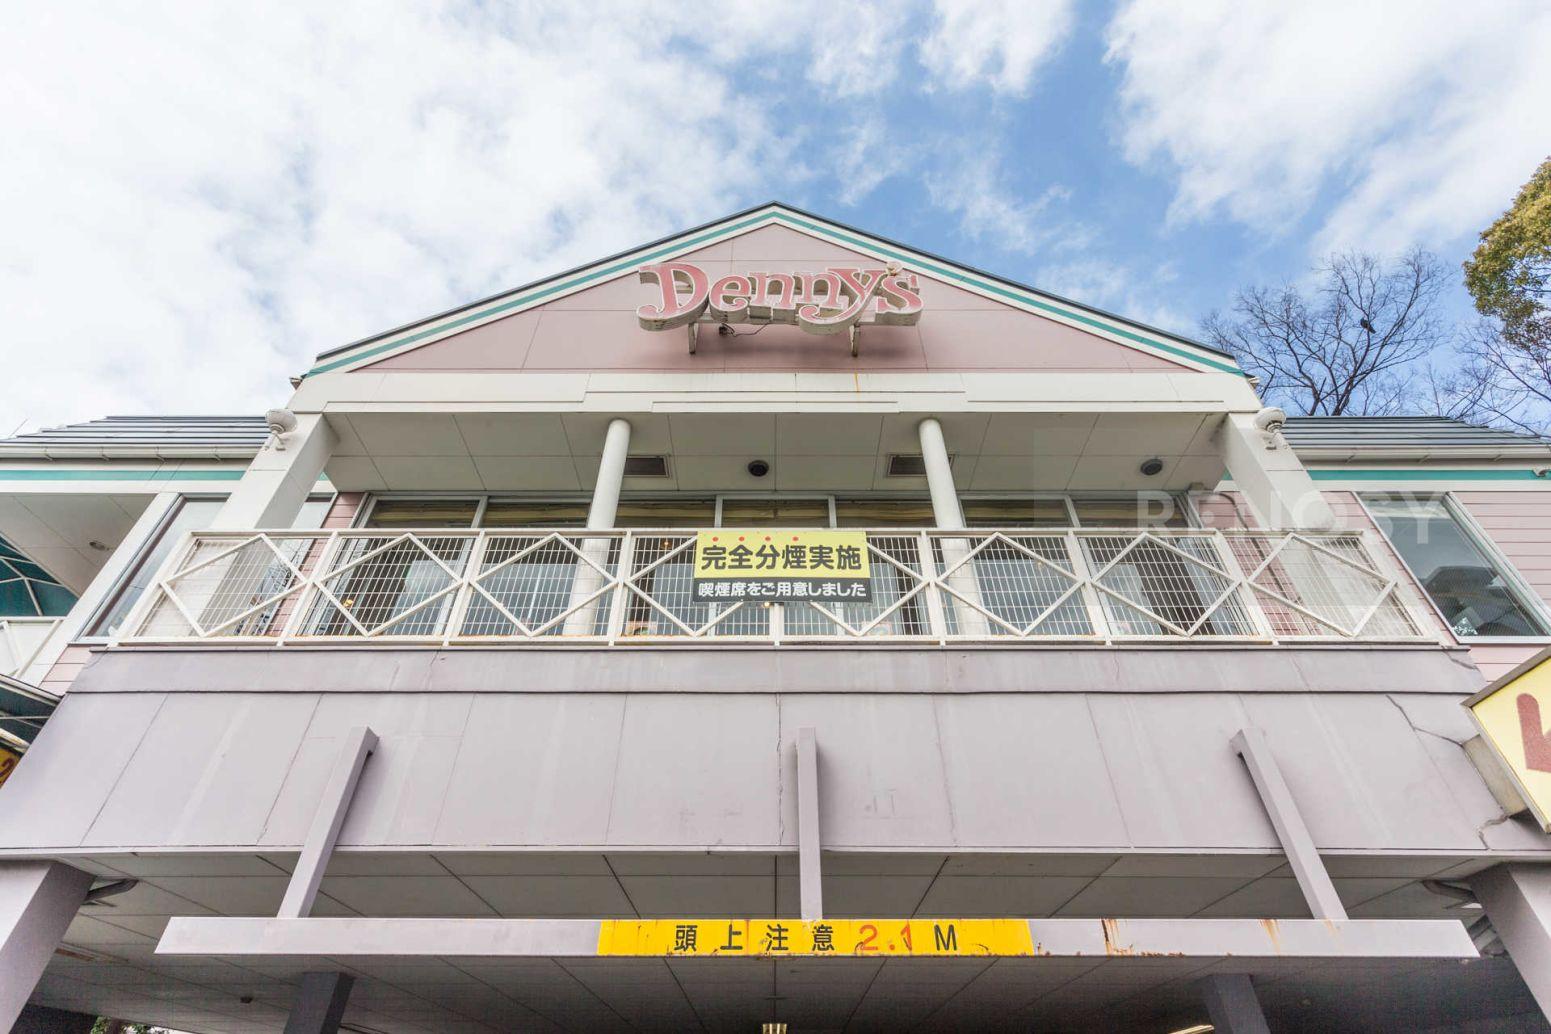 ドルチェ横浜関内